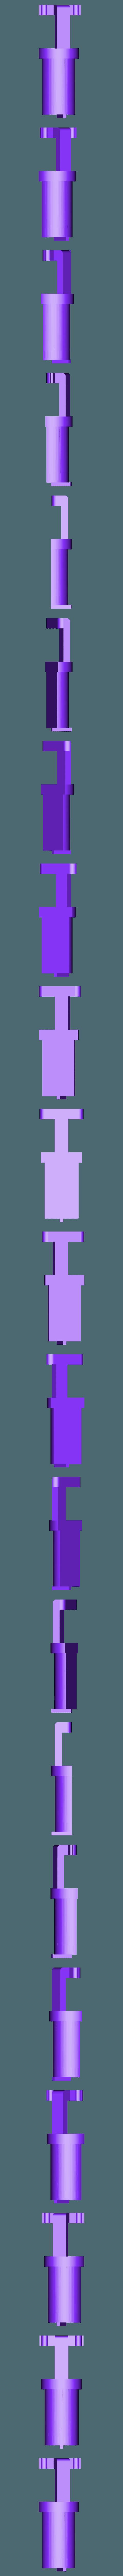 Support bobine (1).stl Télécharger fichier STL gratuit Support bobine Disco Easy 200 • Modèle imprimable en 3D, BaptisteBldl